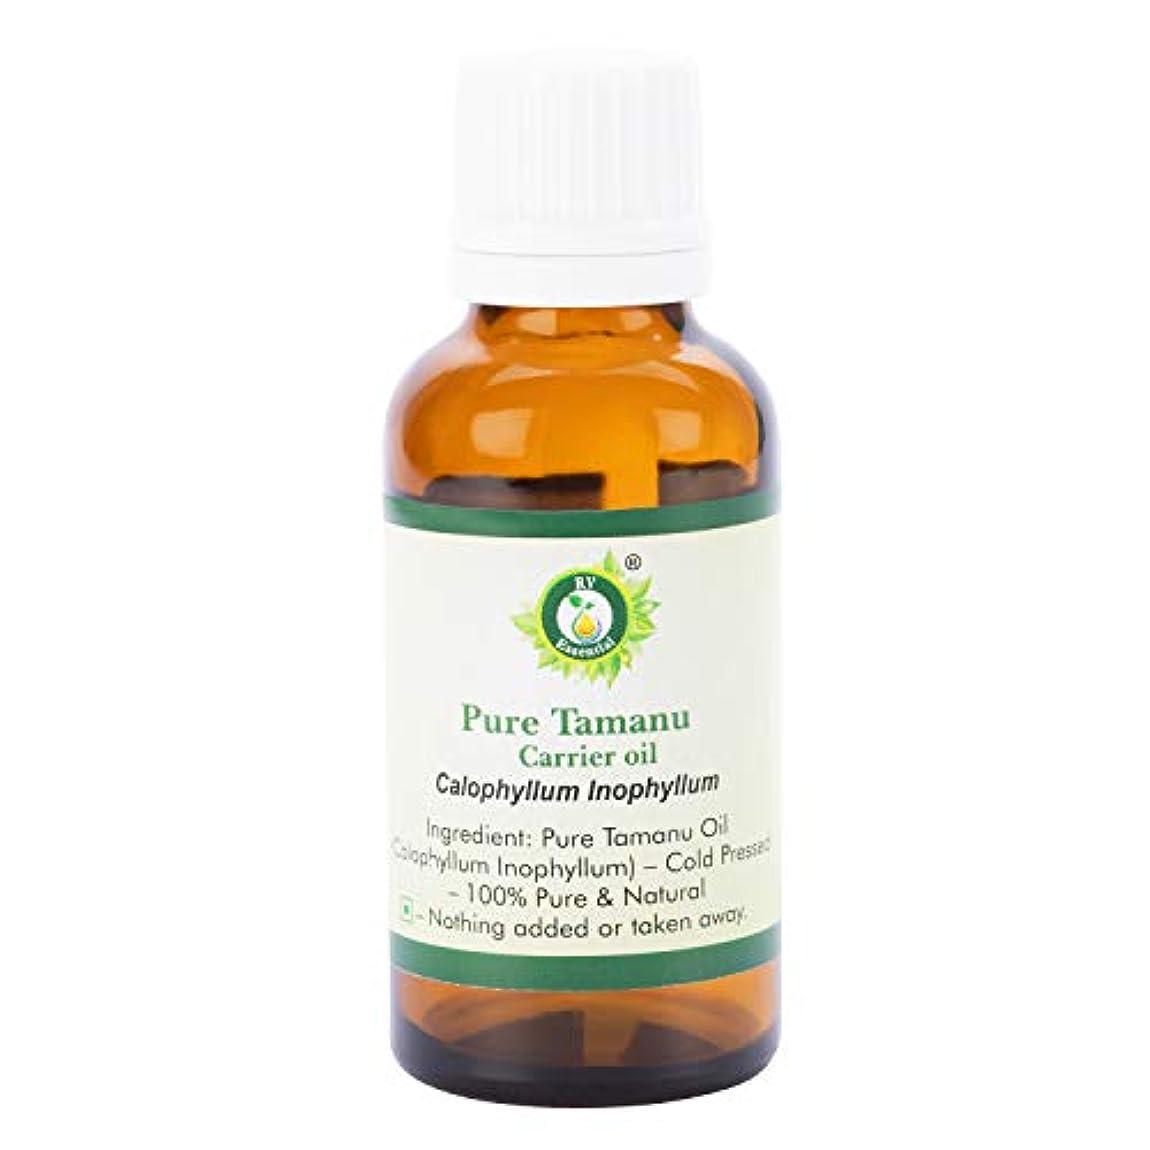 優れた早い神話ピュアTamanuキャリアオイル5ml (0.169oz)- Calophyllum Inophyllum (100%ピュア&ナチュラルコールドPressed) Pure Tamanu Carrier Oil